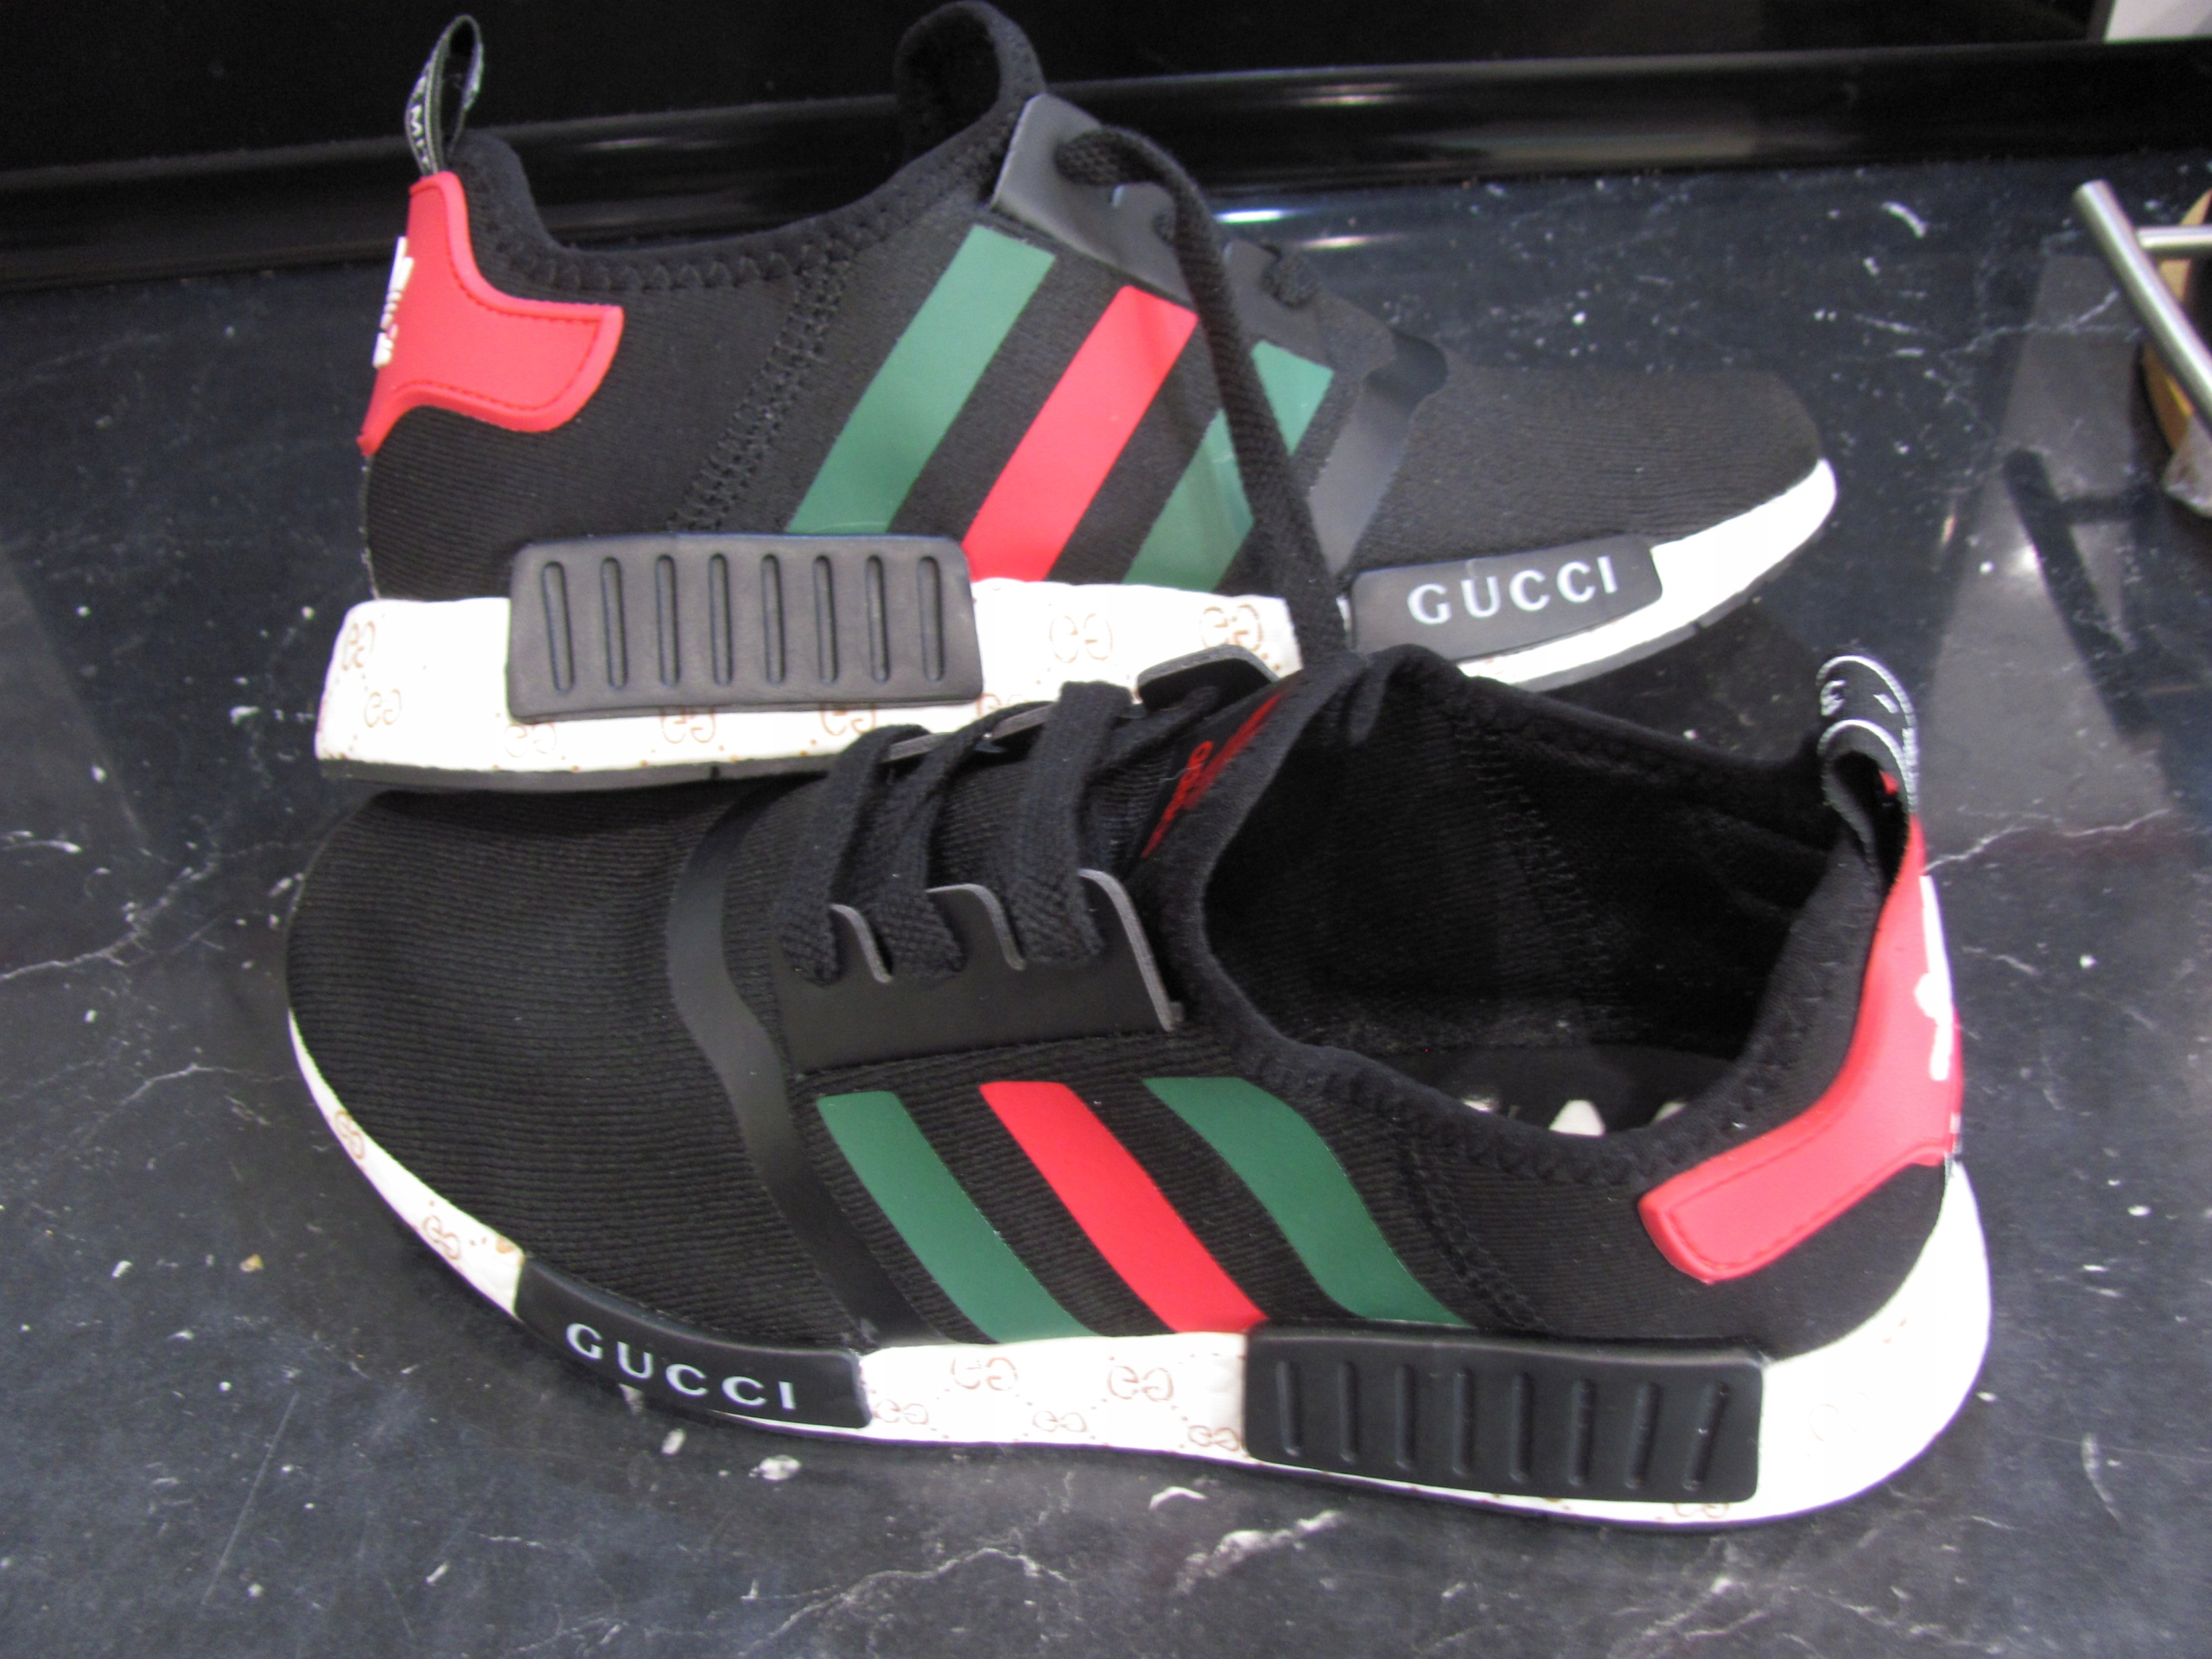 popularne sklepy tania wyprzedaż usa ekskluzywny asortyment Buty Adidas NMD Runner PK Gucci Limited Edition 42